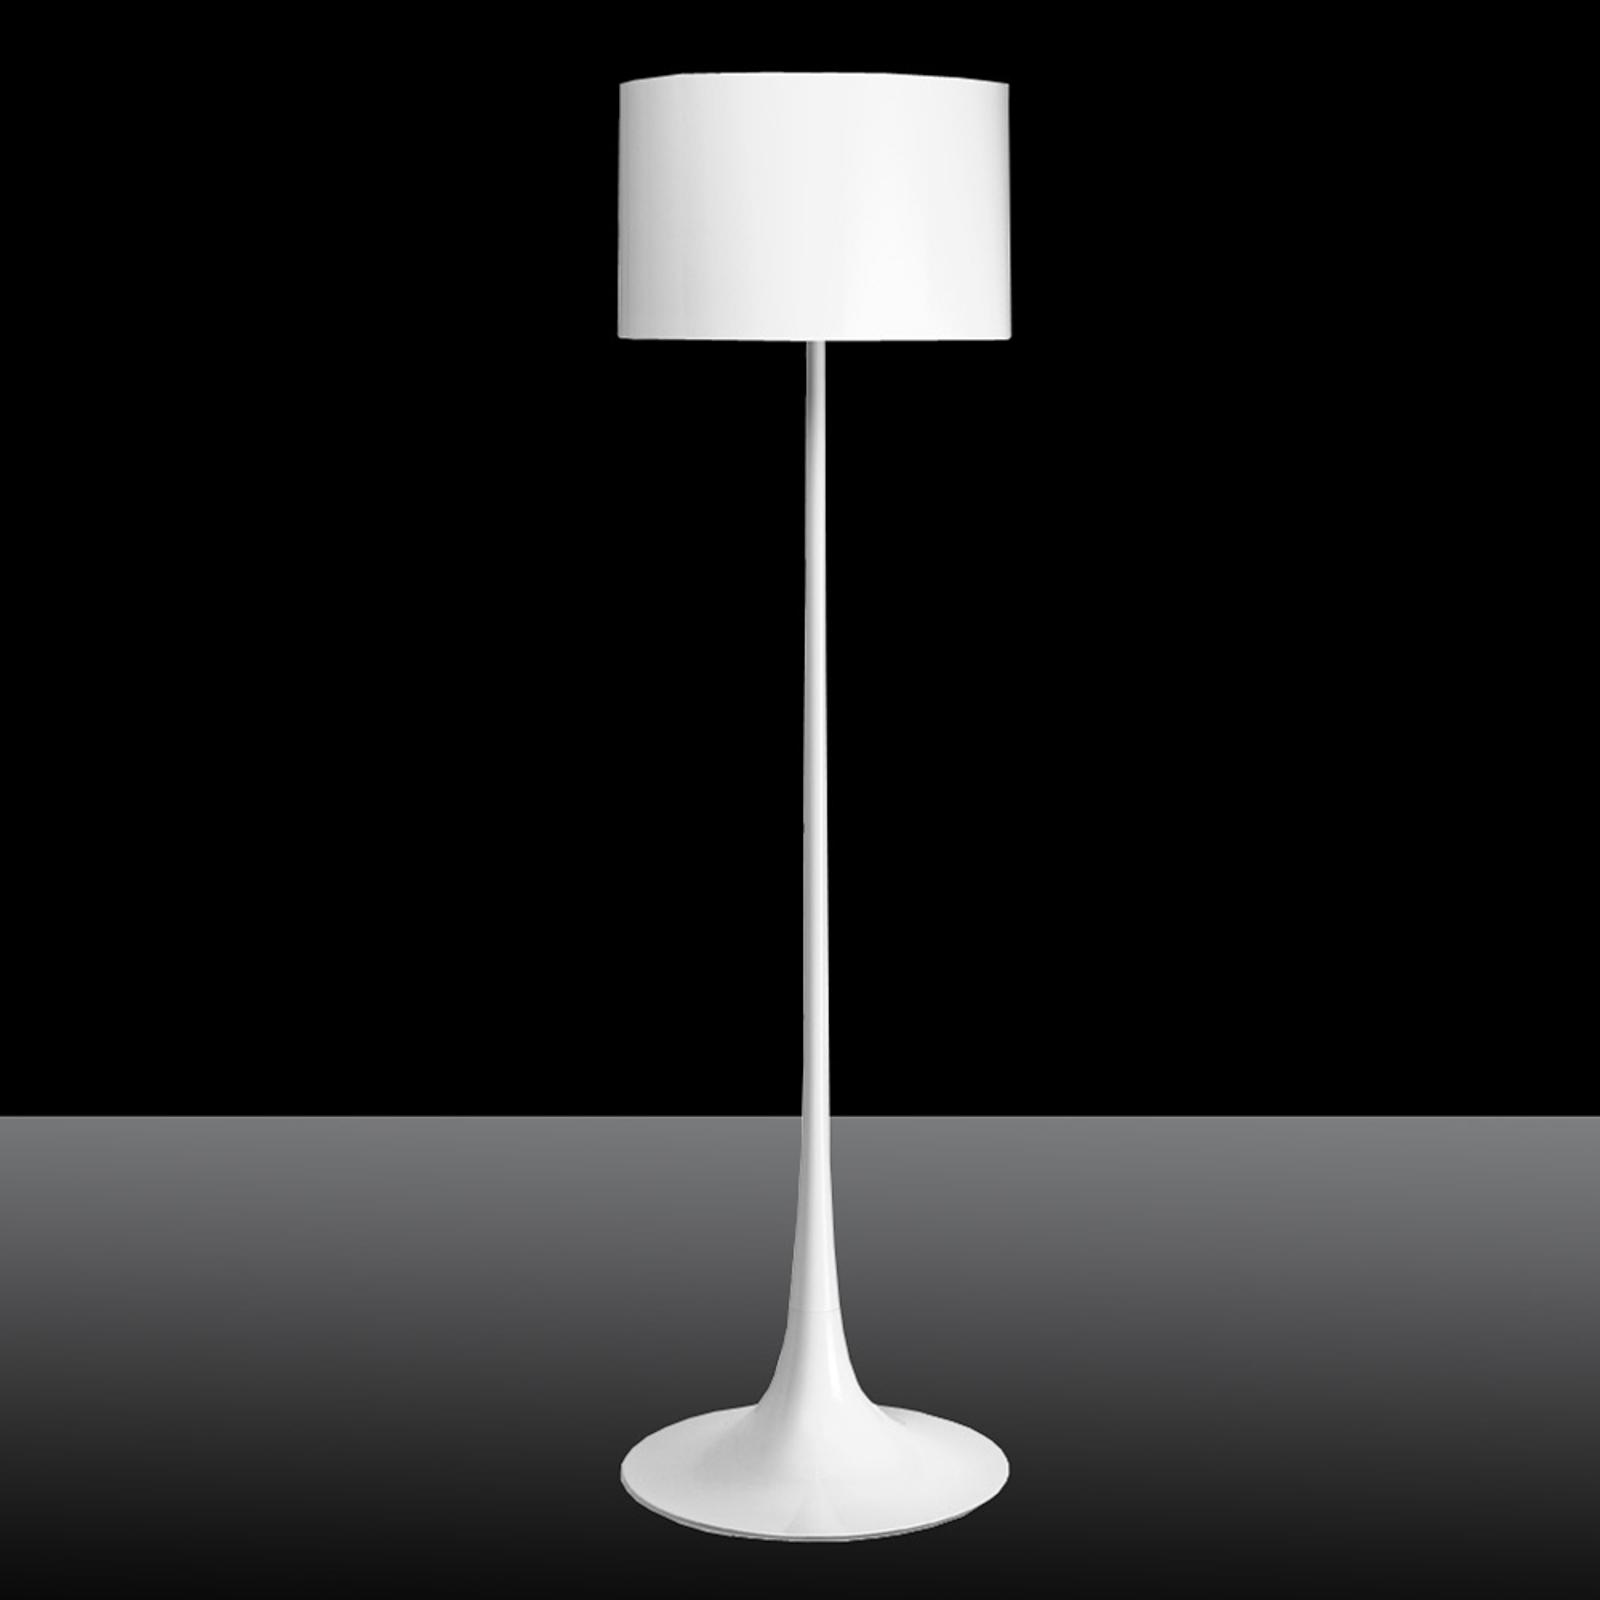 FLOS Spun Light F stojaca lampa_3510142_1